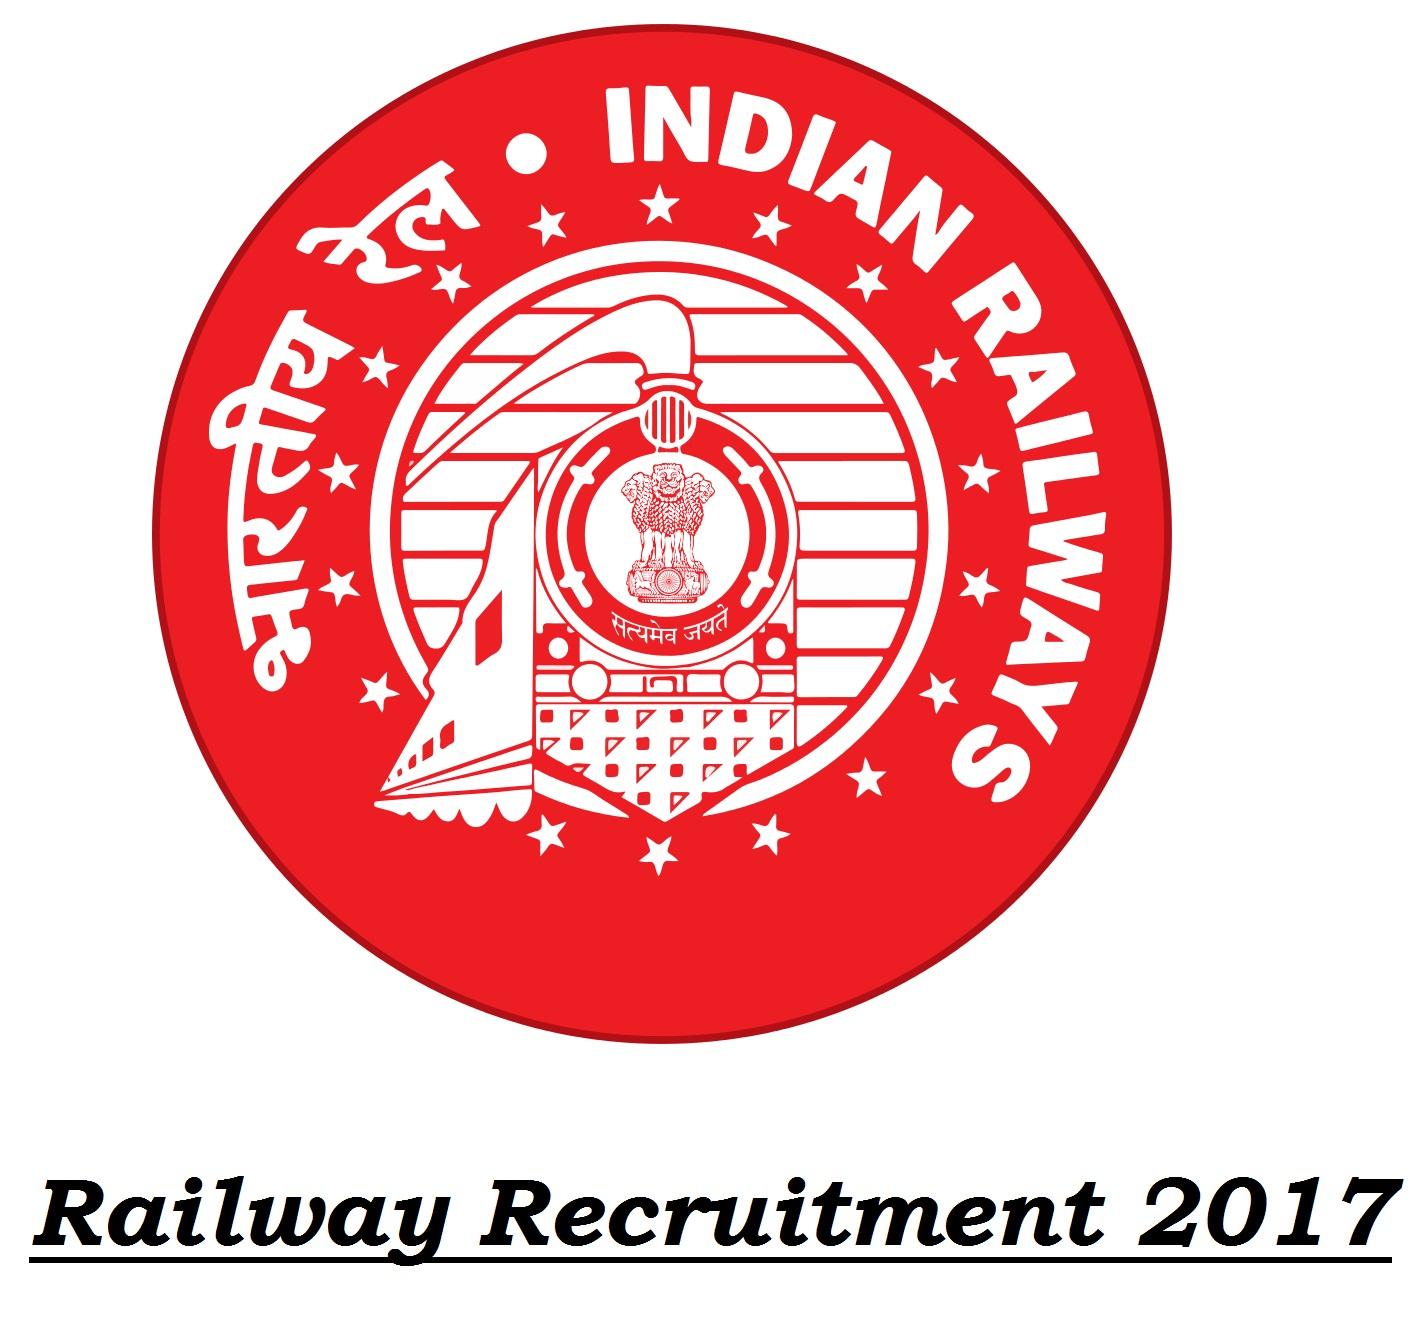 IndianRailway2017